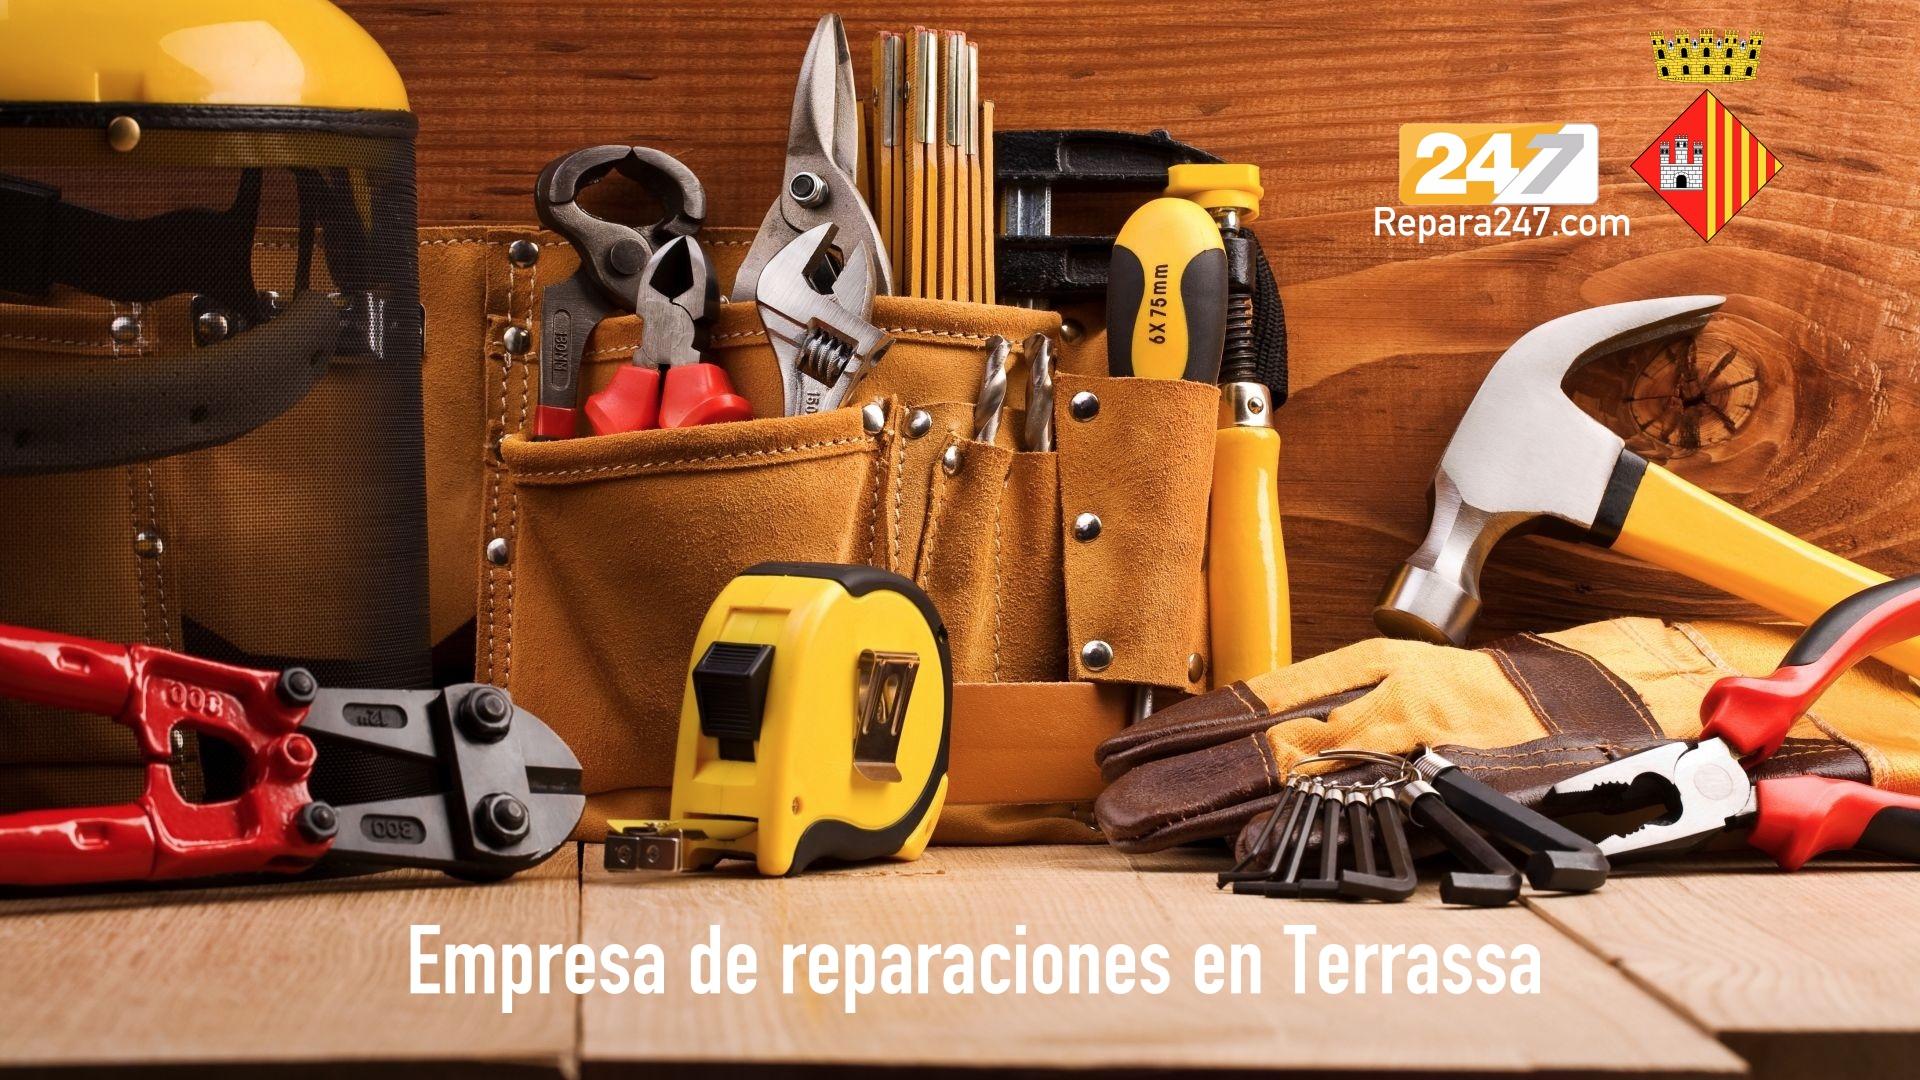 Empresa de reparaciones en Terrassa